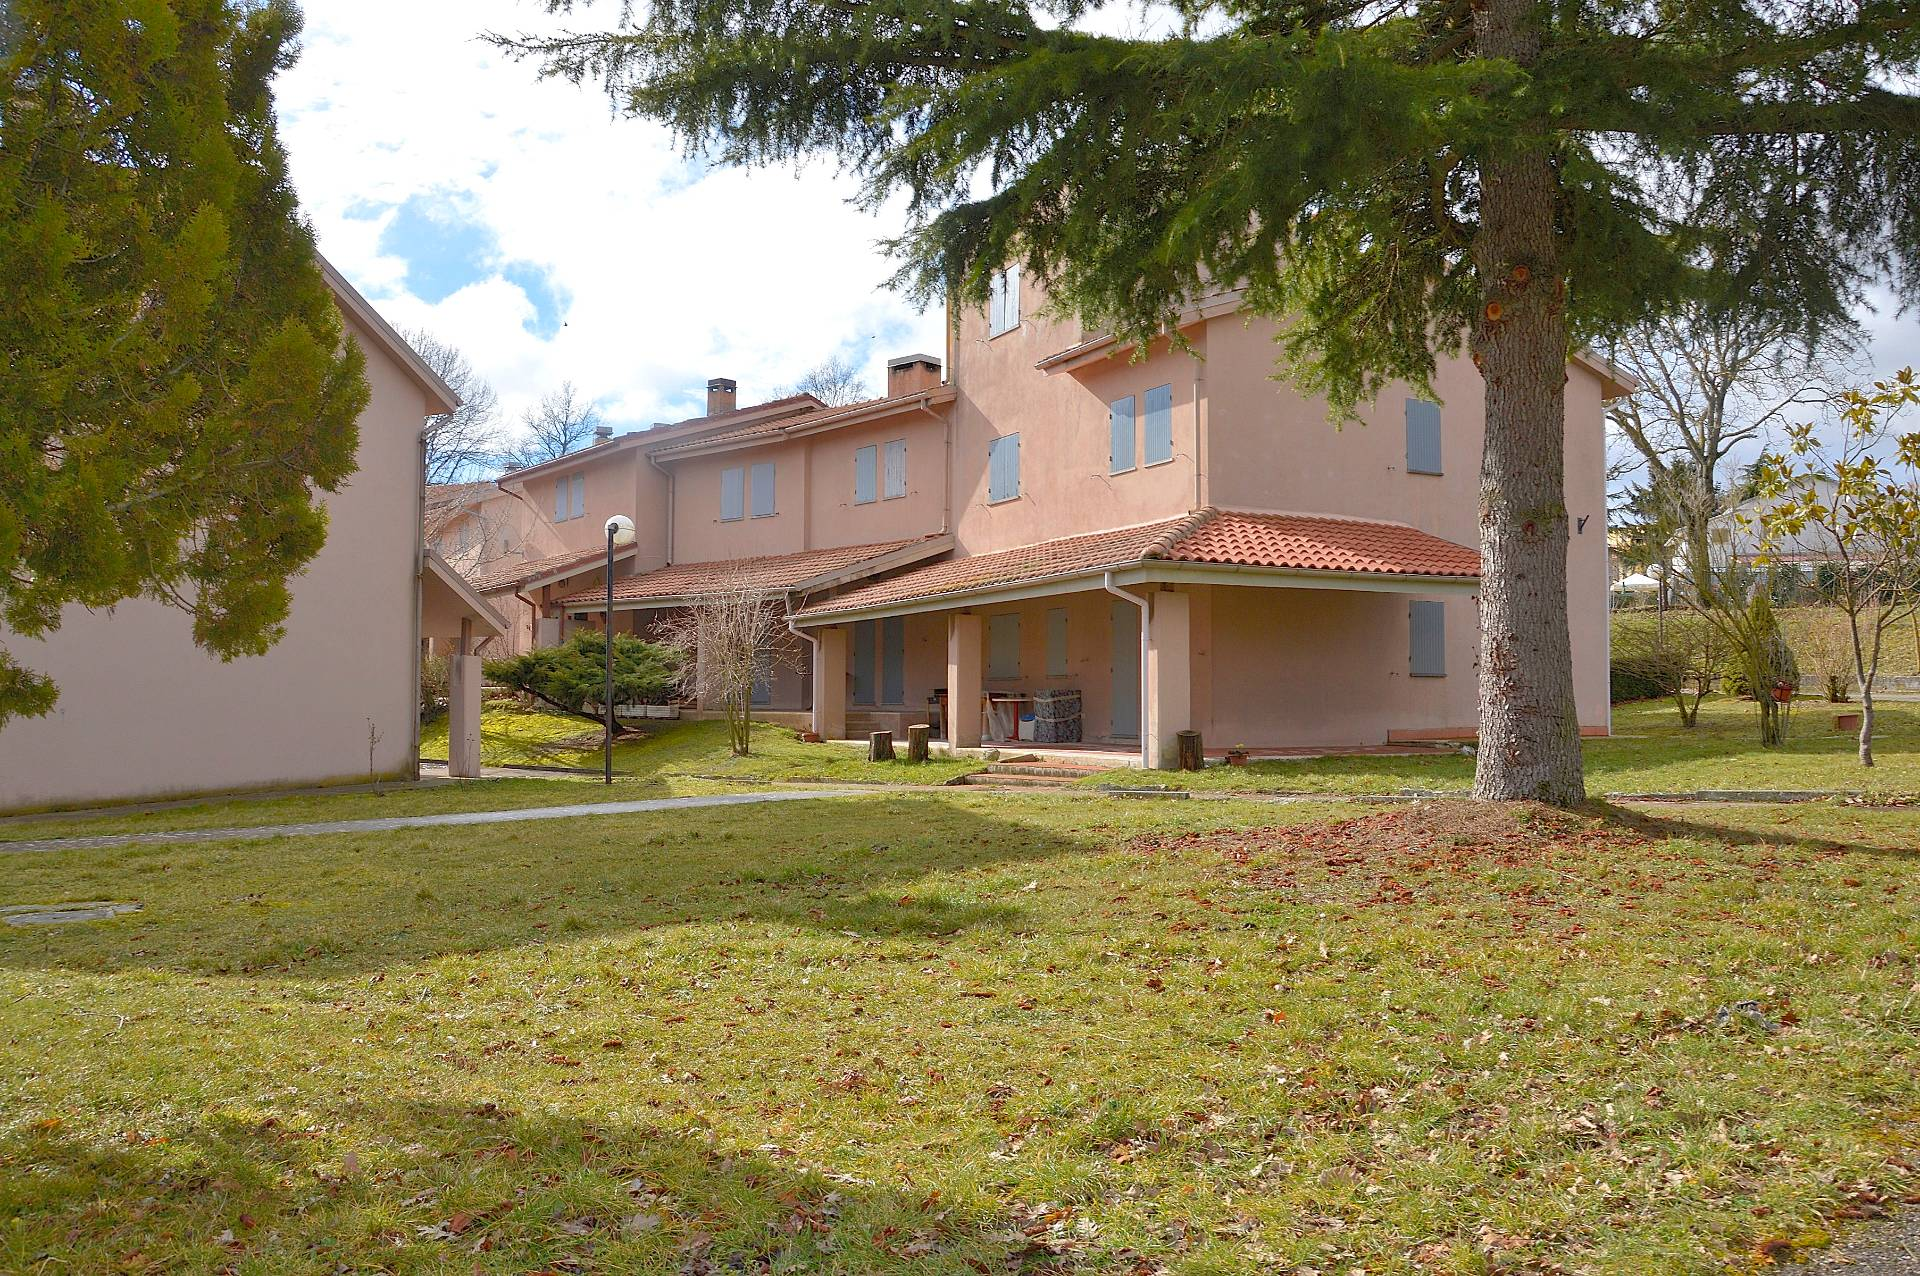 Altro in vendita a Sellano, 4 locali, prezzo € 68.000 | Cambio Casa.it